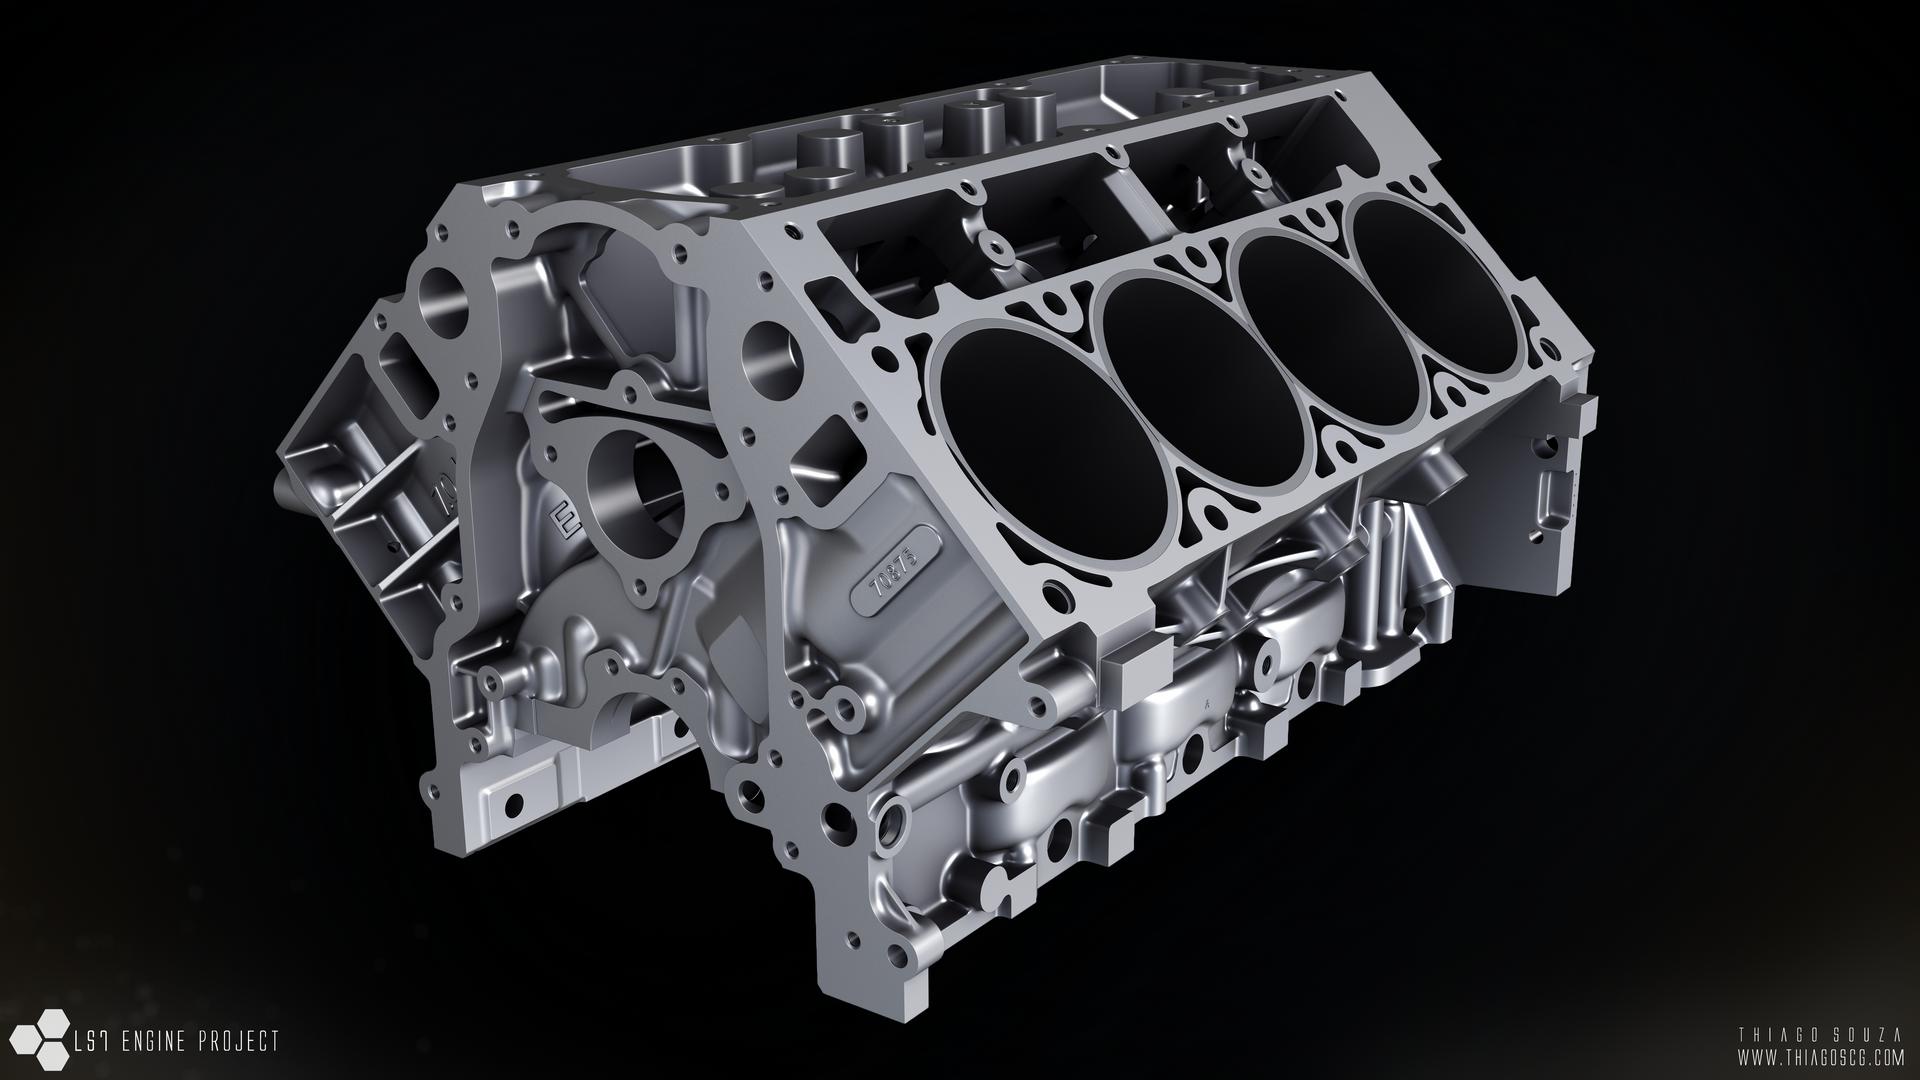 v8 engine blueprints - photo #30